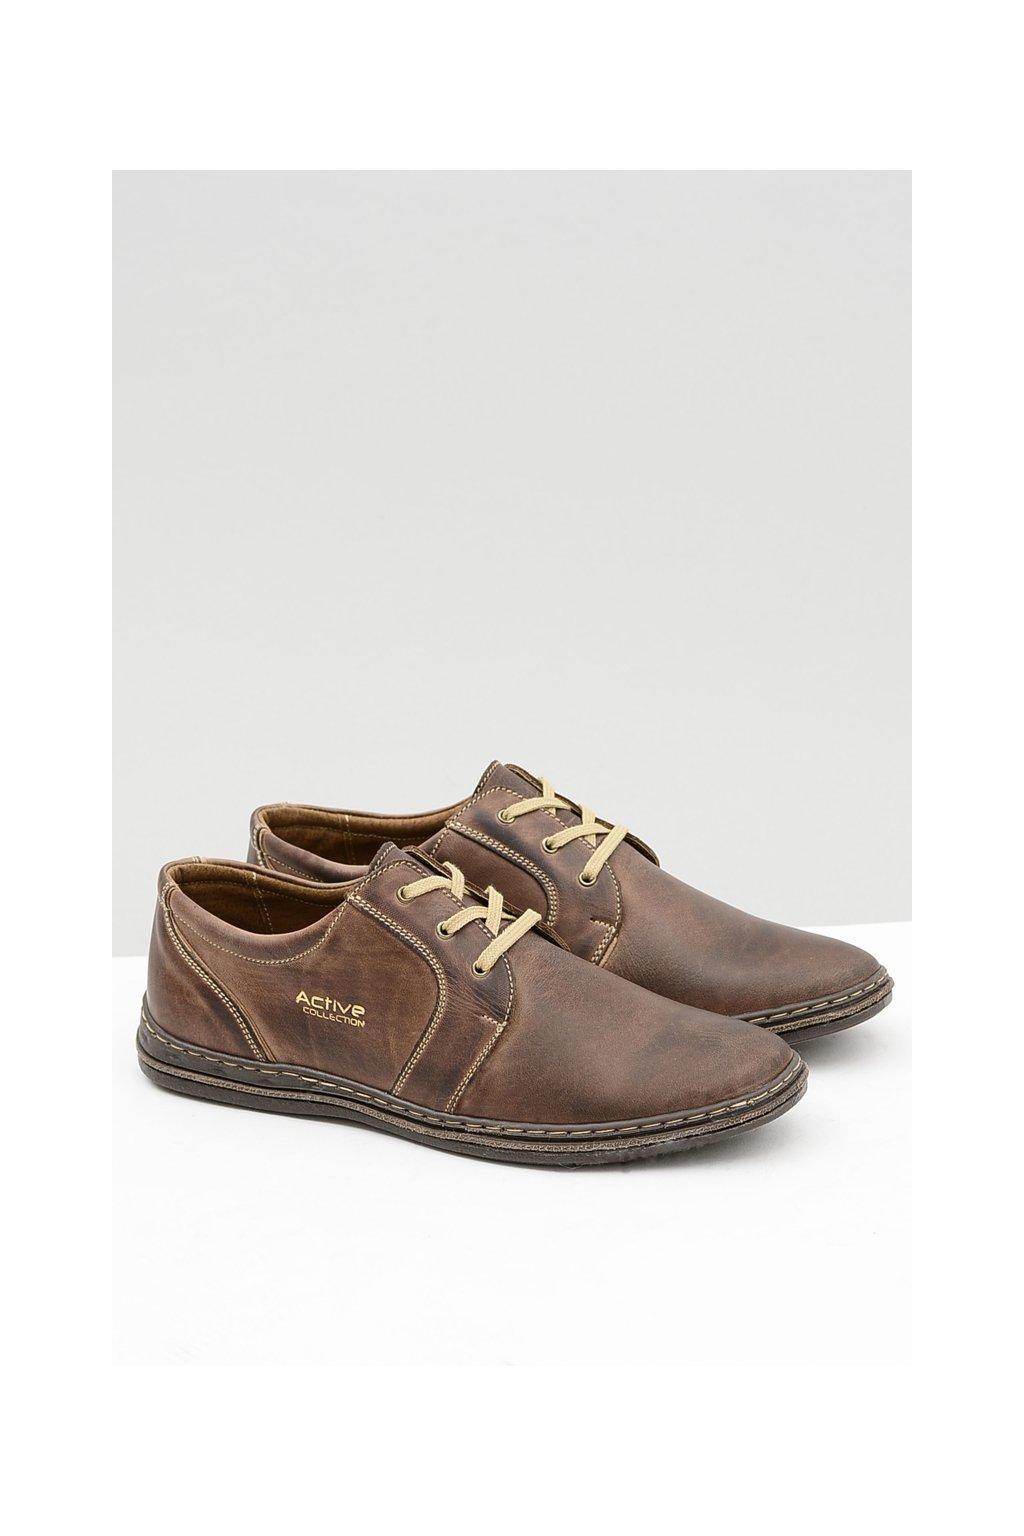 Hnedé kožené pánske topánky Marko